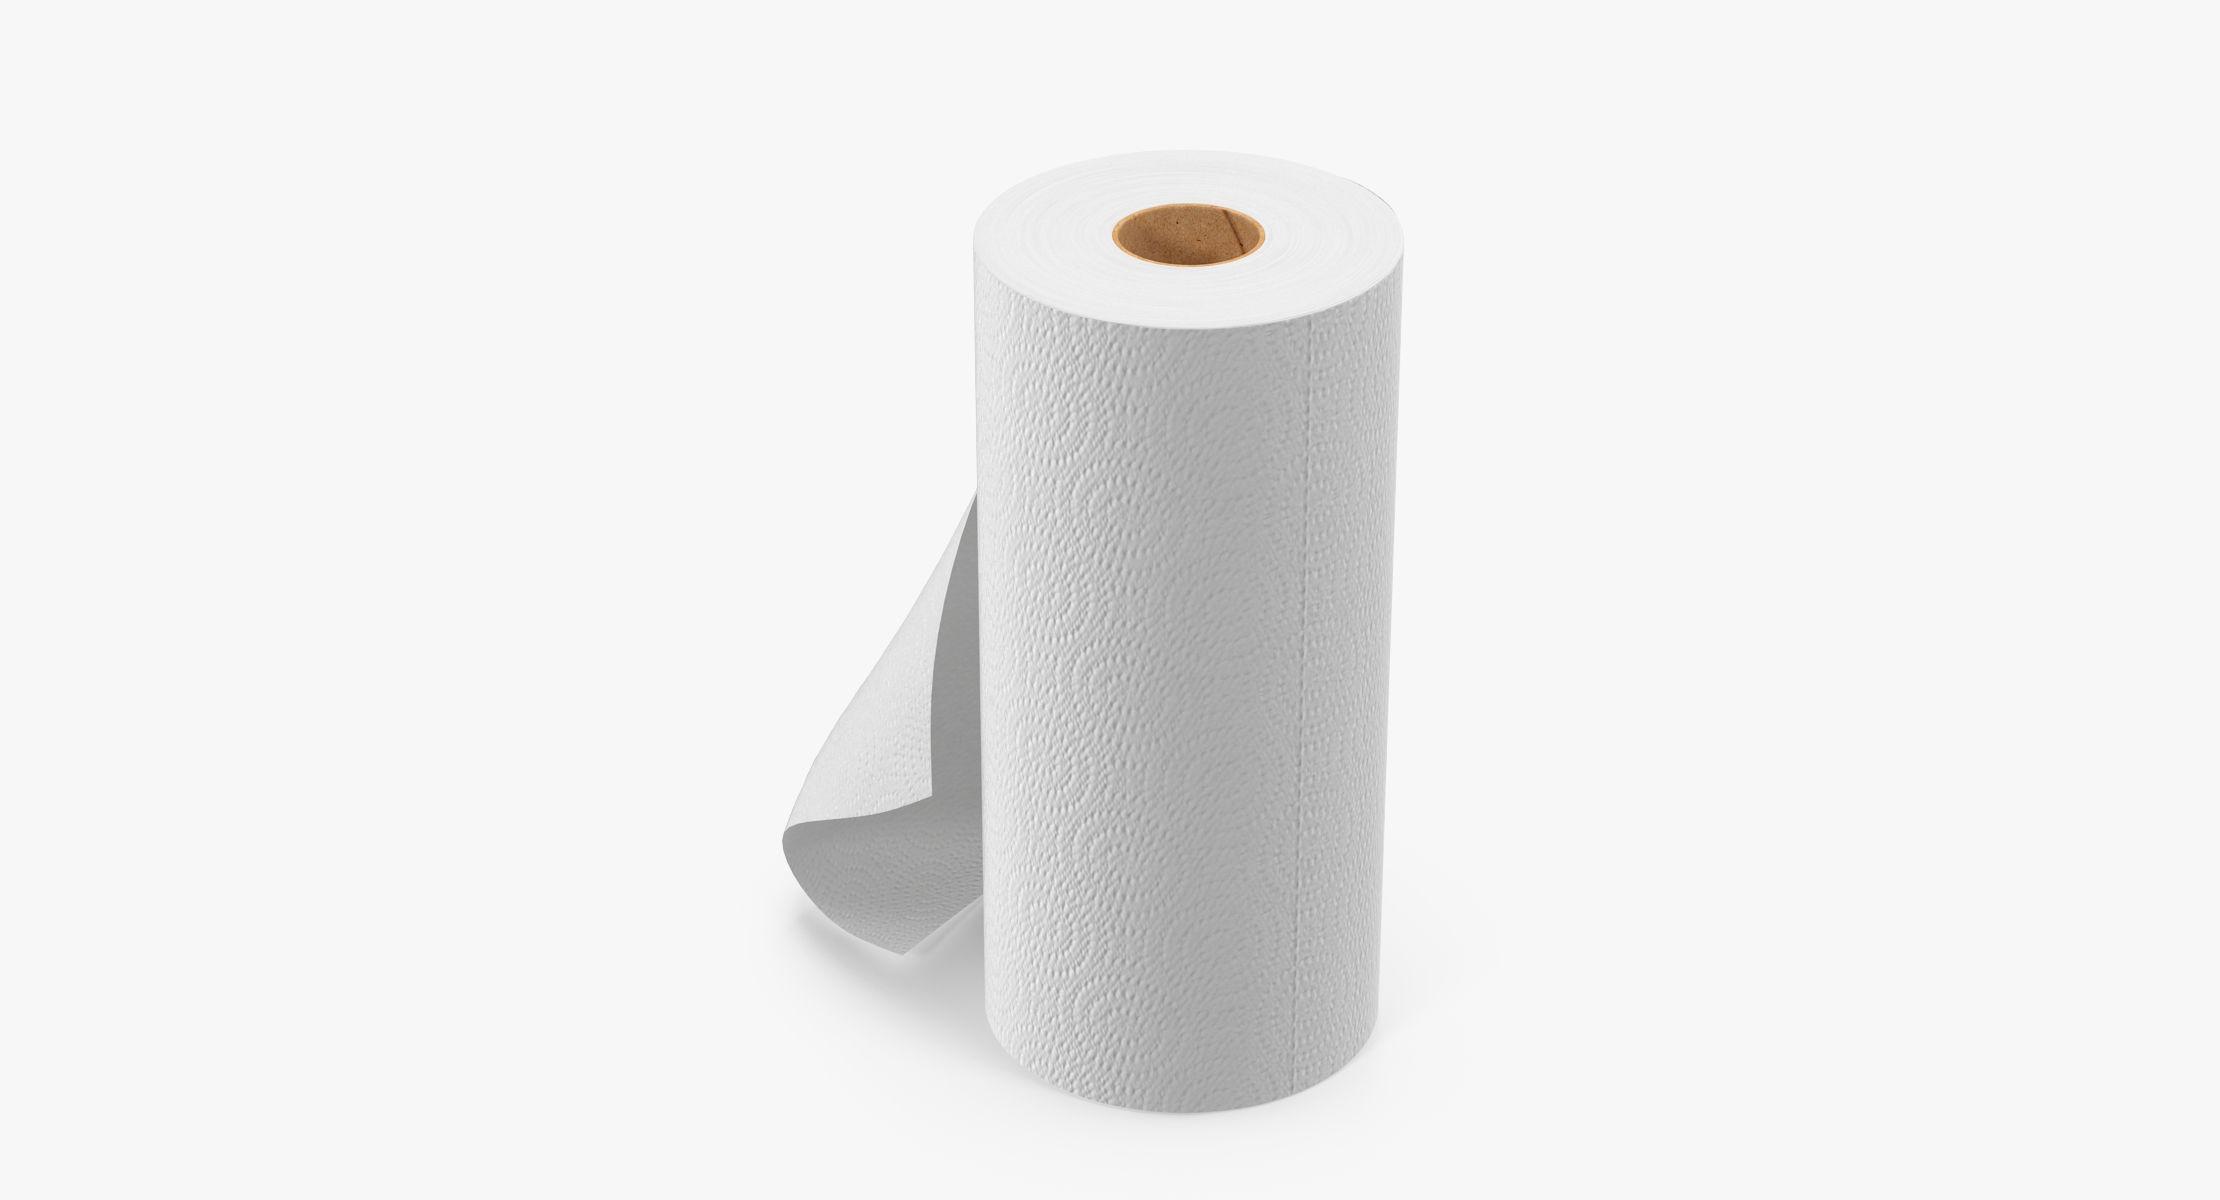 Paper Towel Roll 02 - reel 1